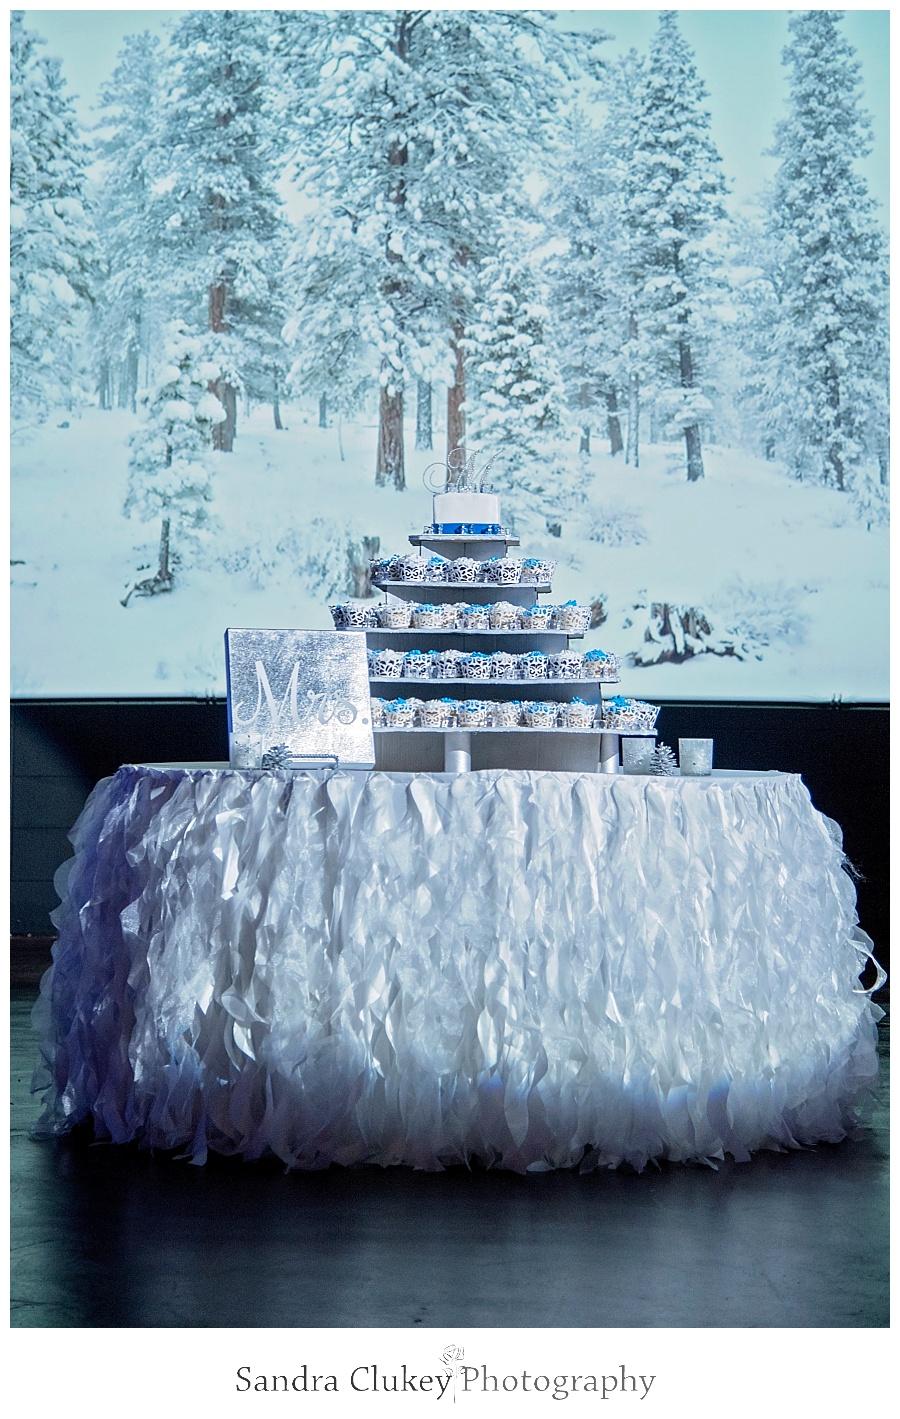 Impressive cake display